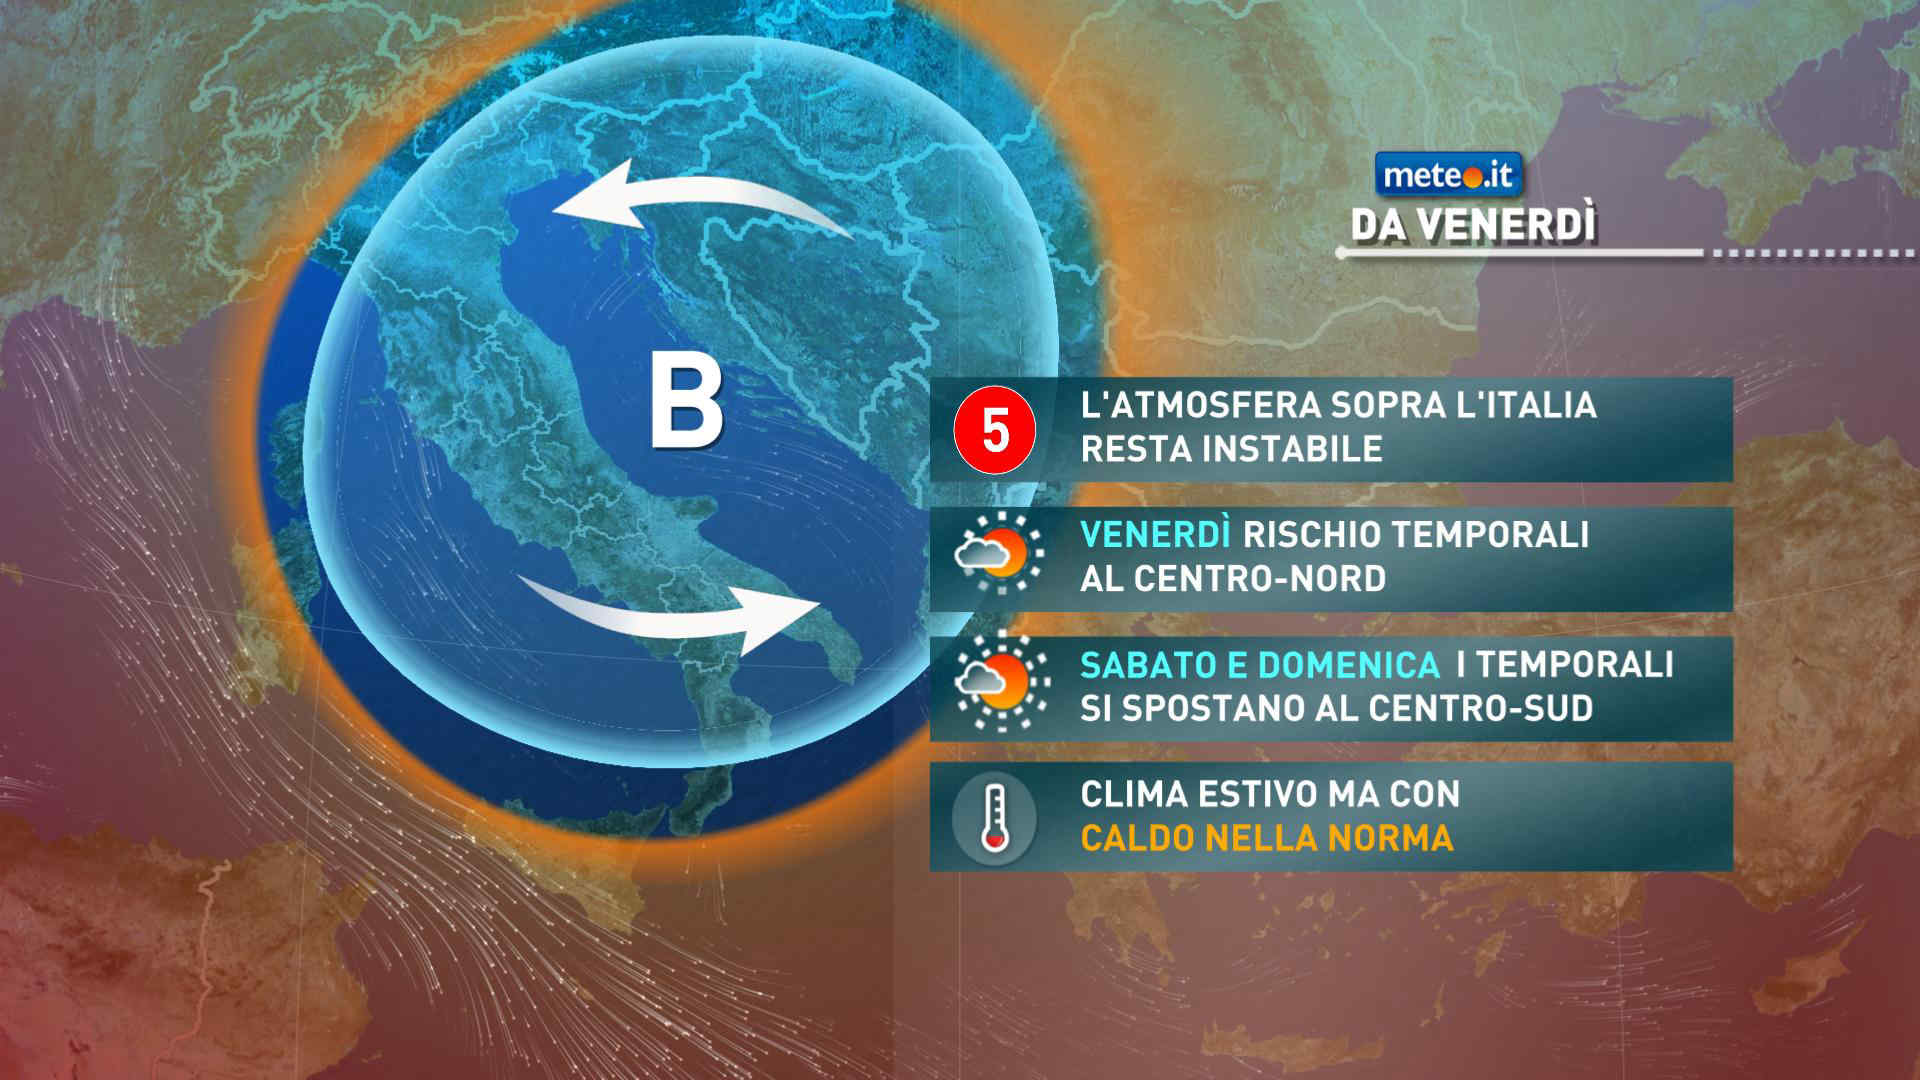 Meteo, da venerdì 16 luglio l'aria fresca e instabile si sposterà verso sud-est